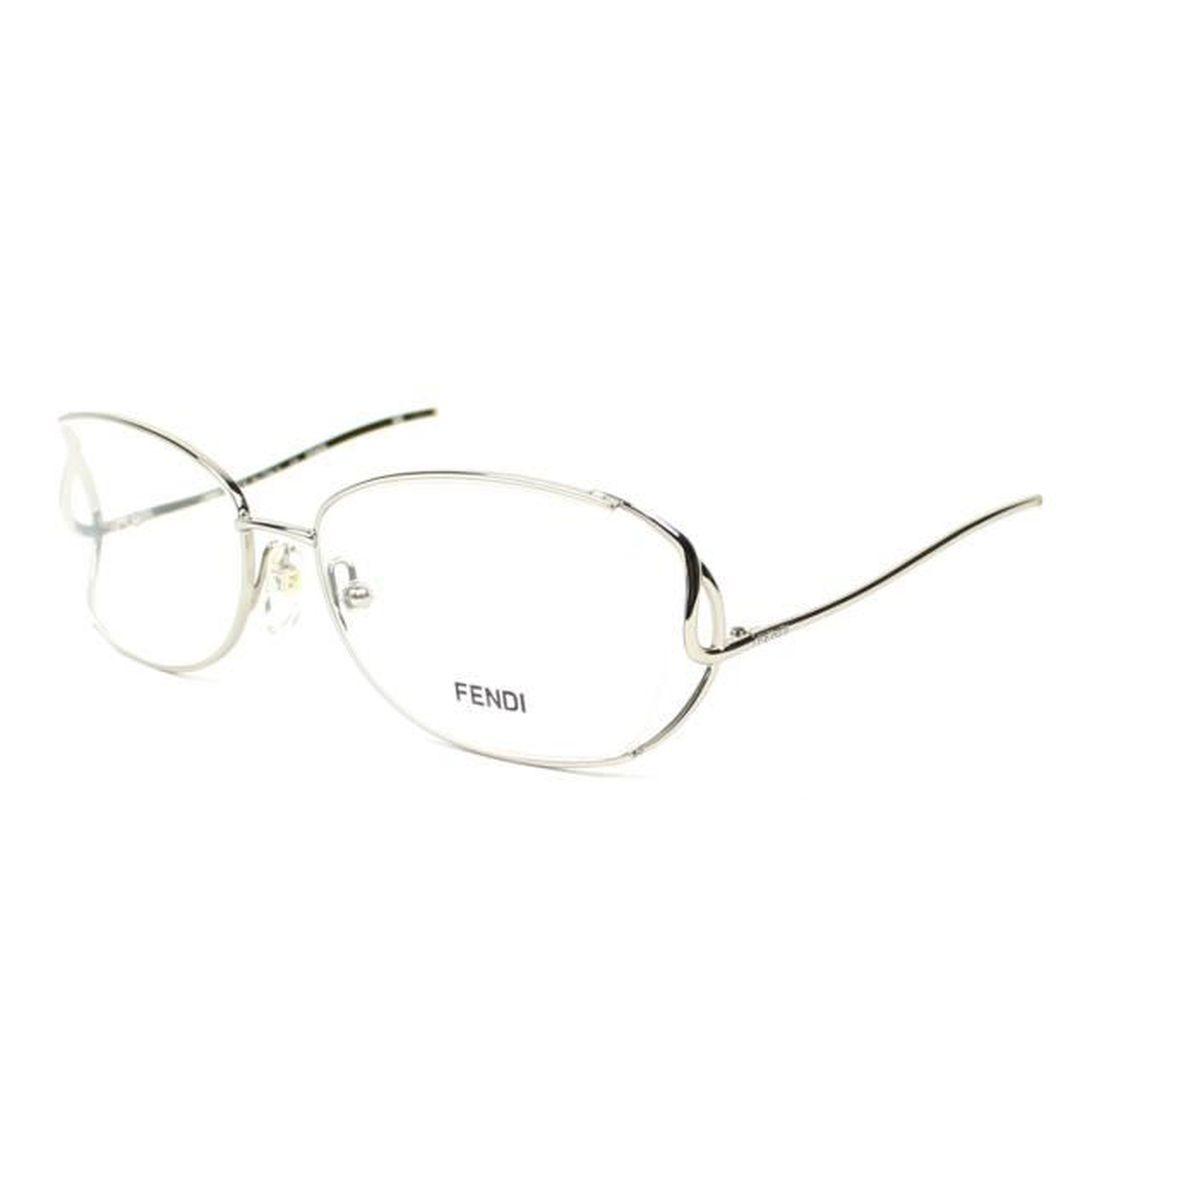 Lunettes de vue Fendi F902 -28 Argent - Blanc - Achat   Vente ... 48ccb5364b65